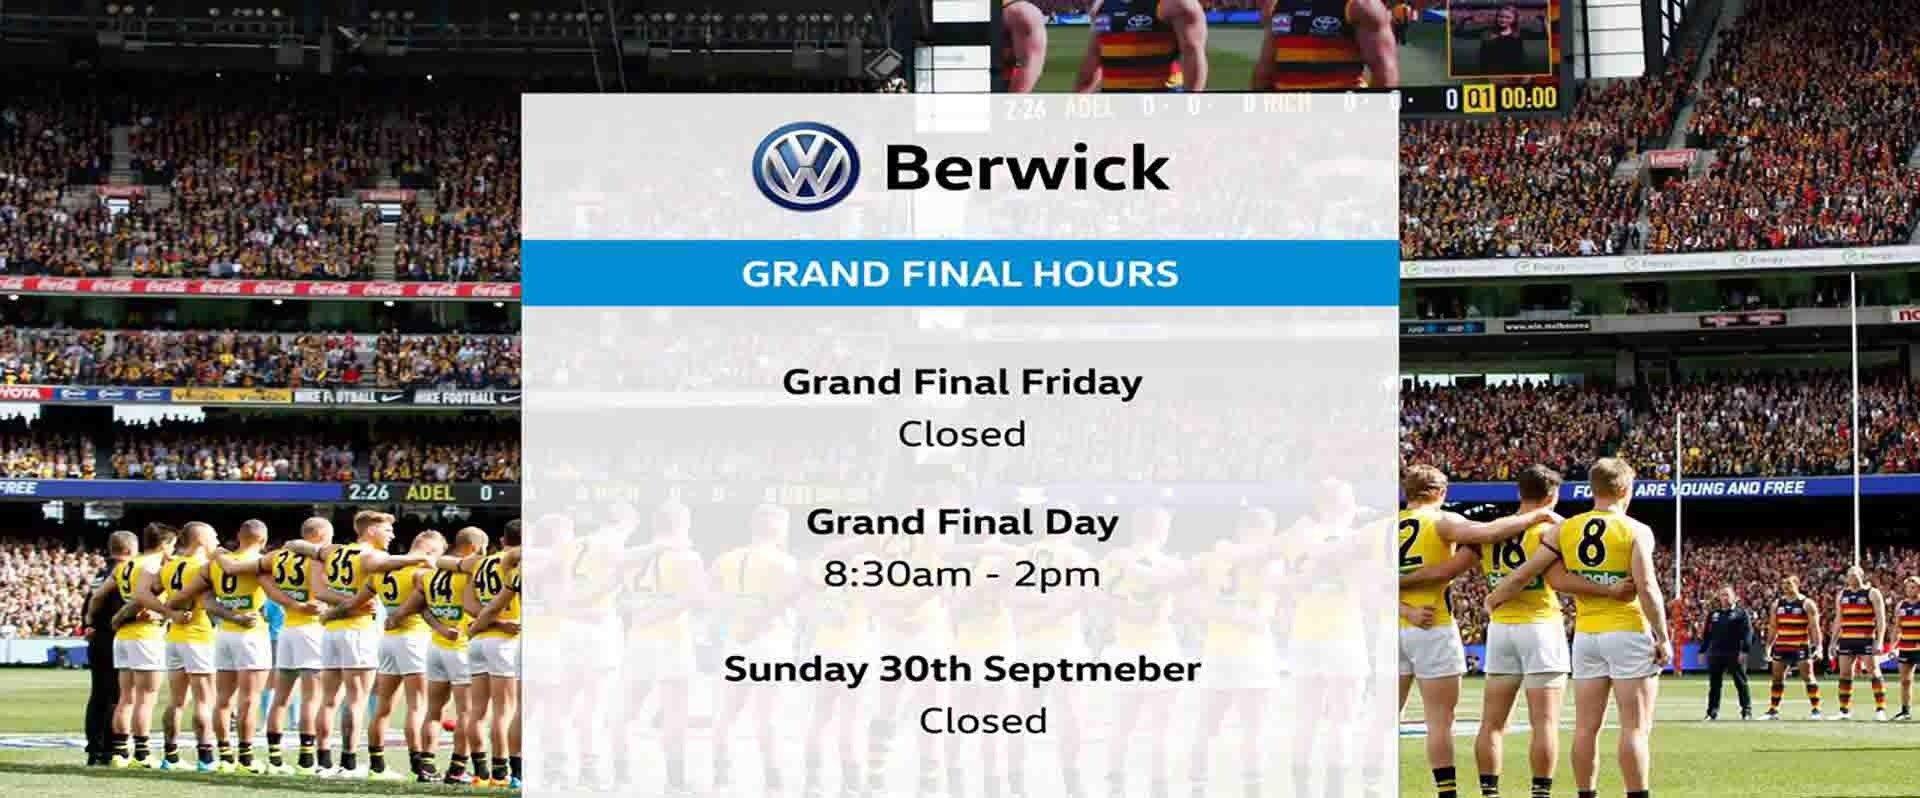 Berwick Volkswagen - Grand Final Hours